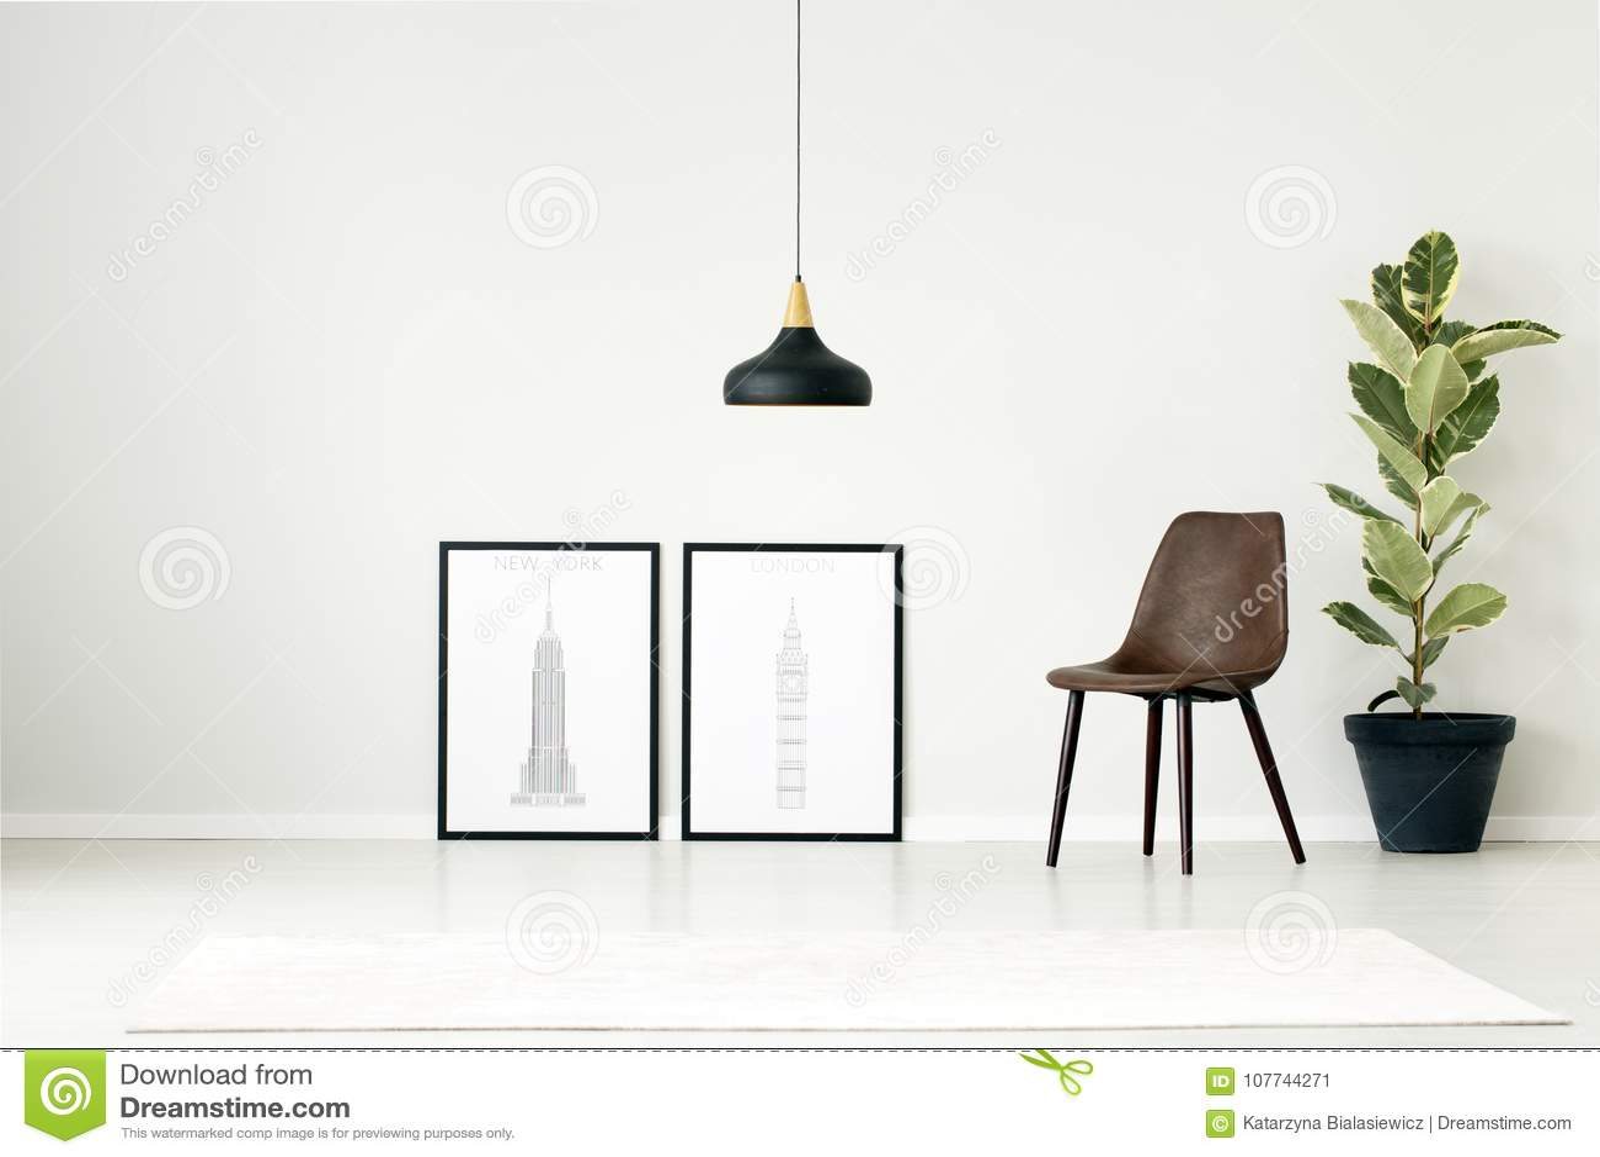 Poster Im Einfachen Wohnzimmer Stockbild - Bild von stuhl, halle ...